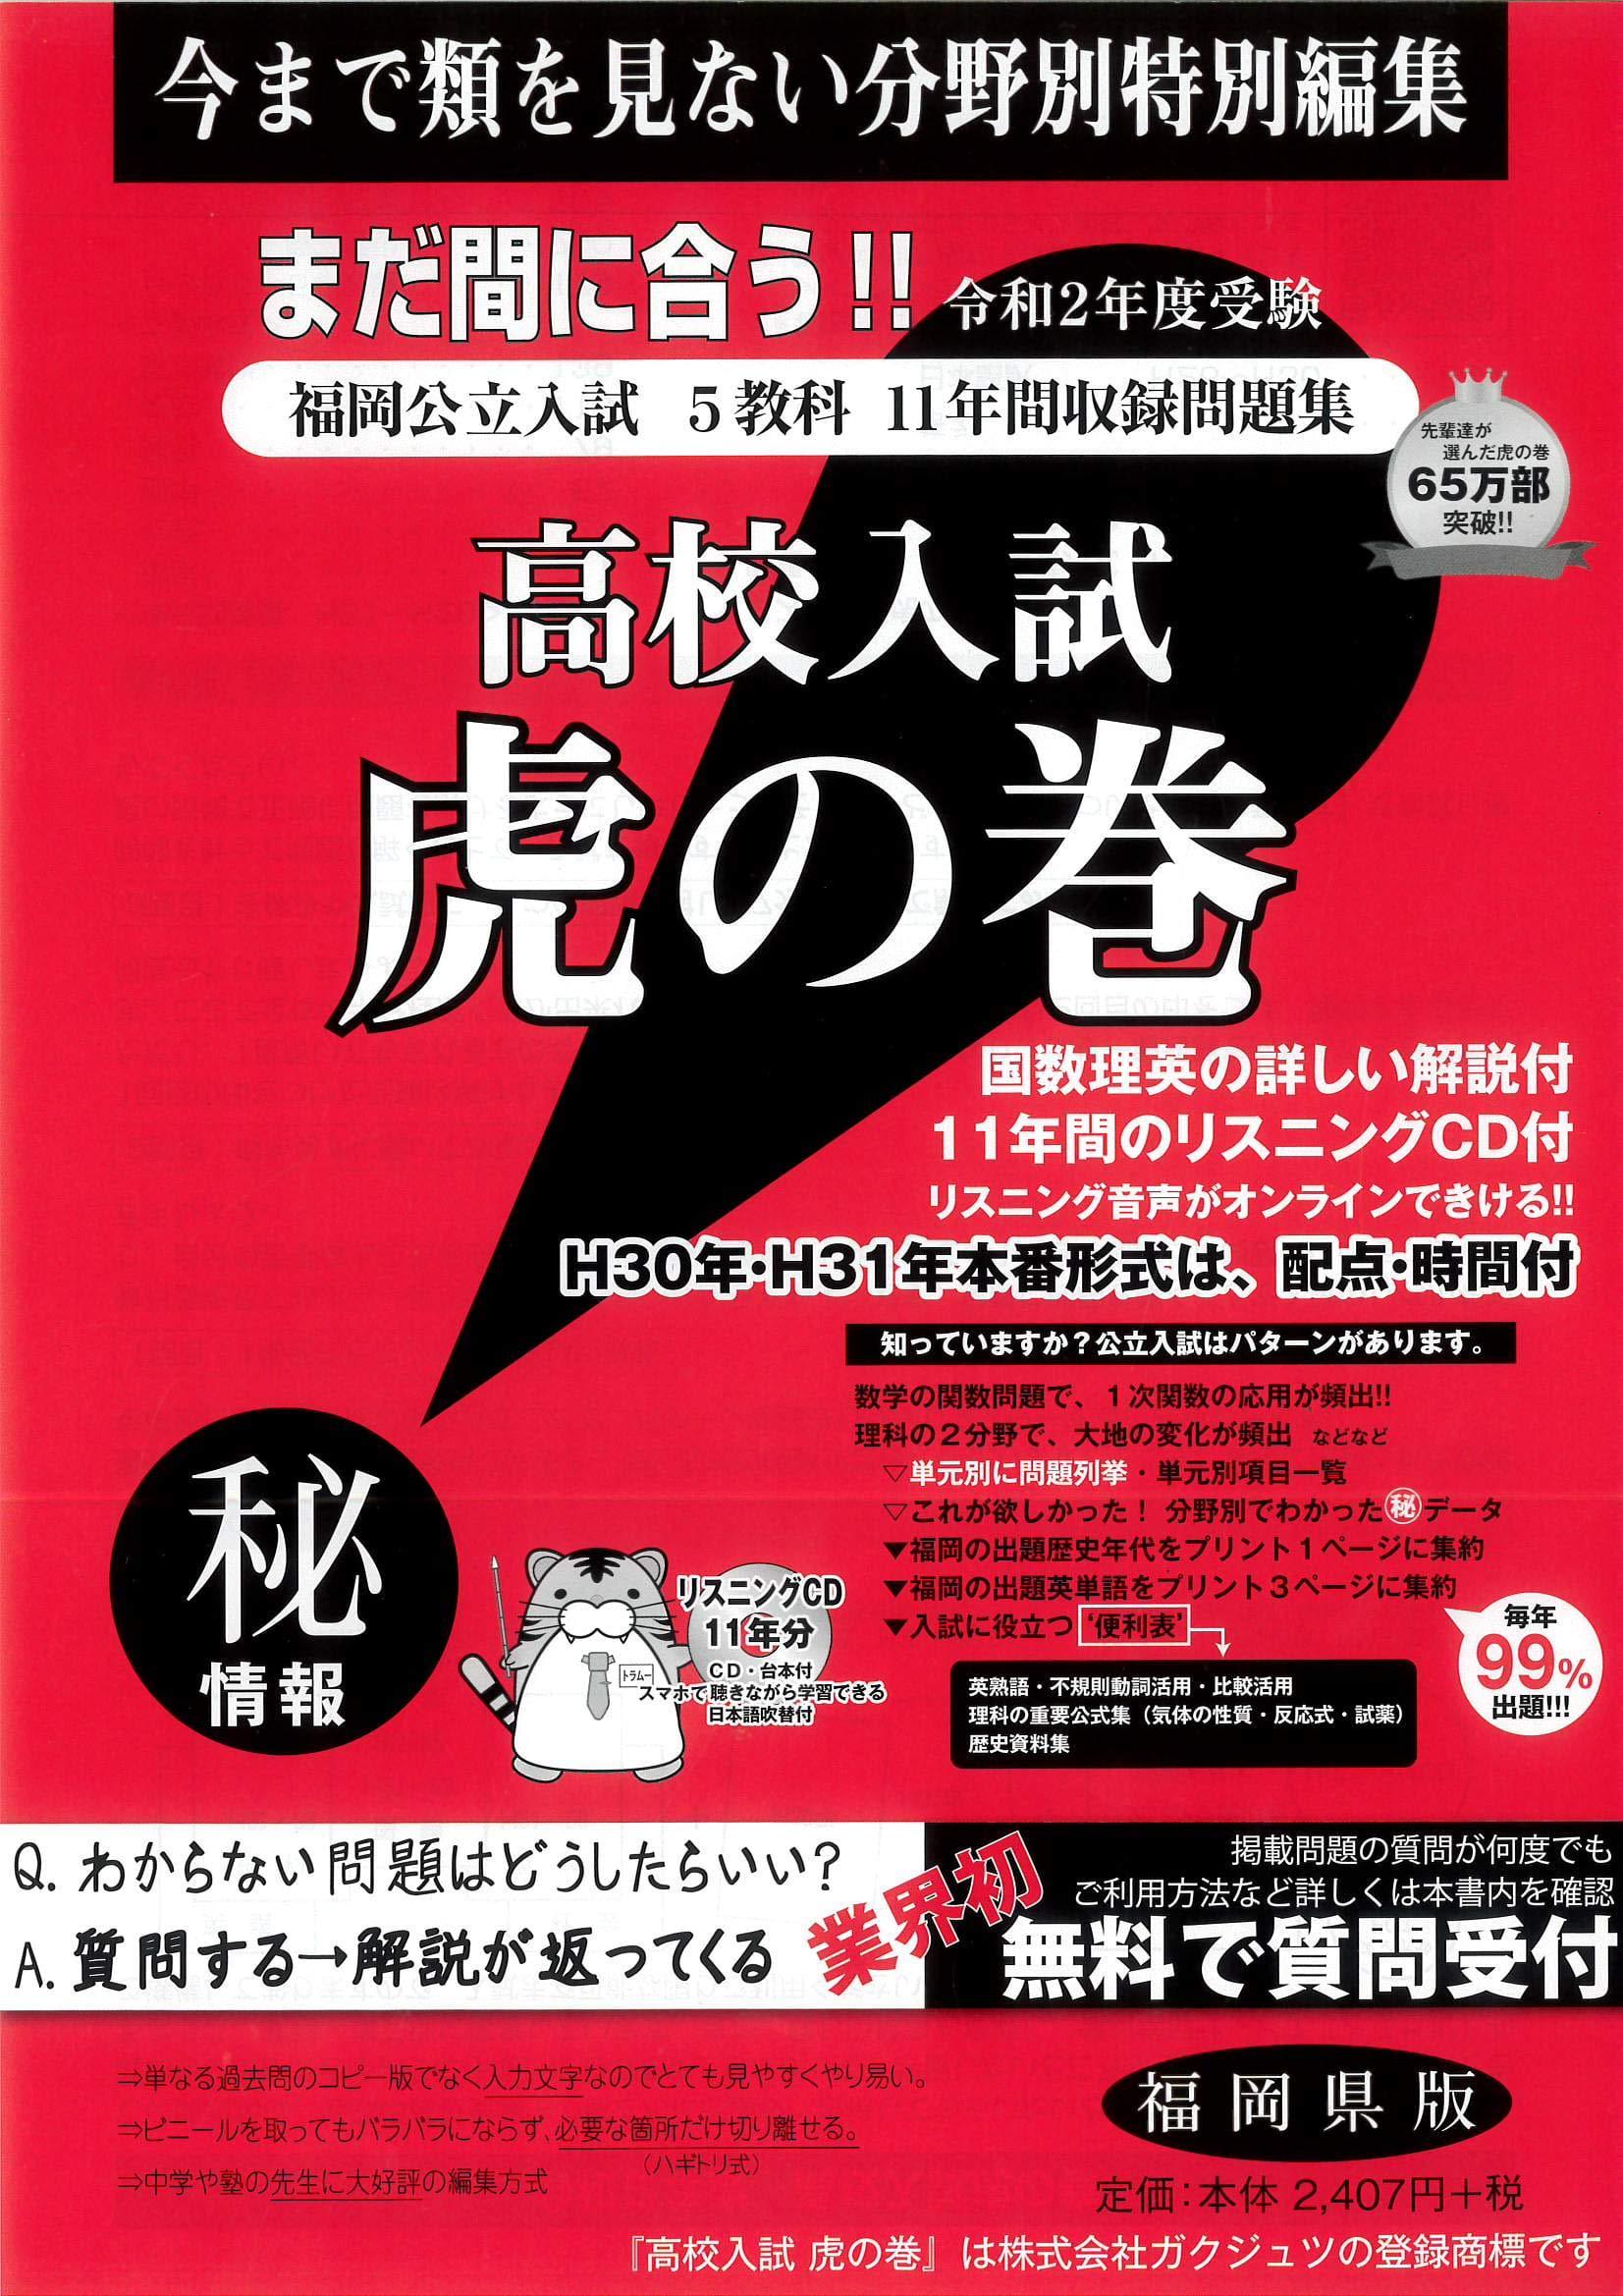 福岡 県 公立 高校 合格 発表